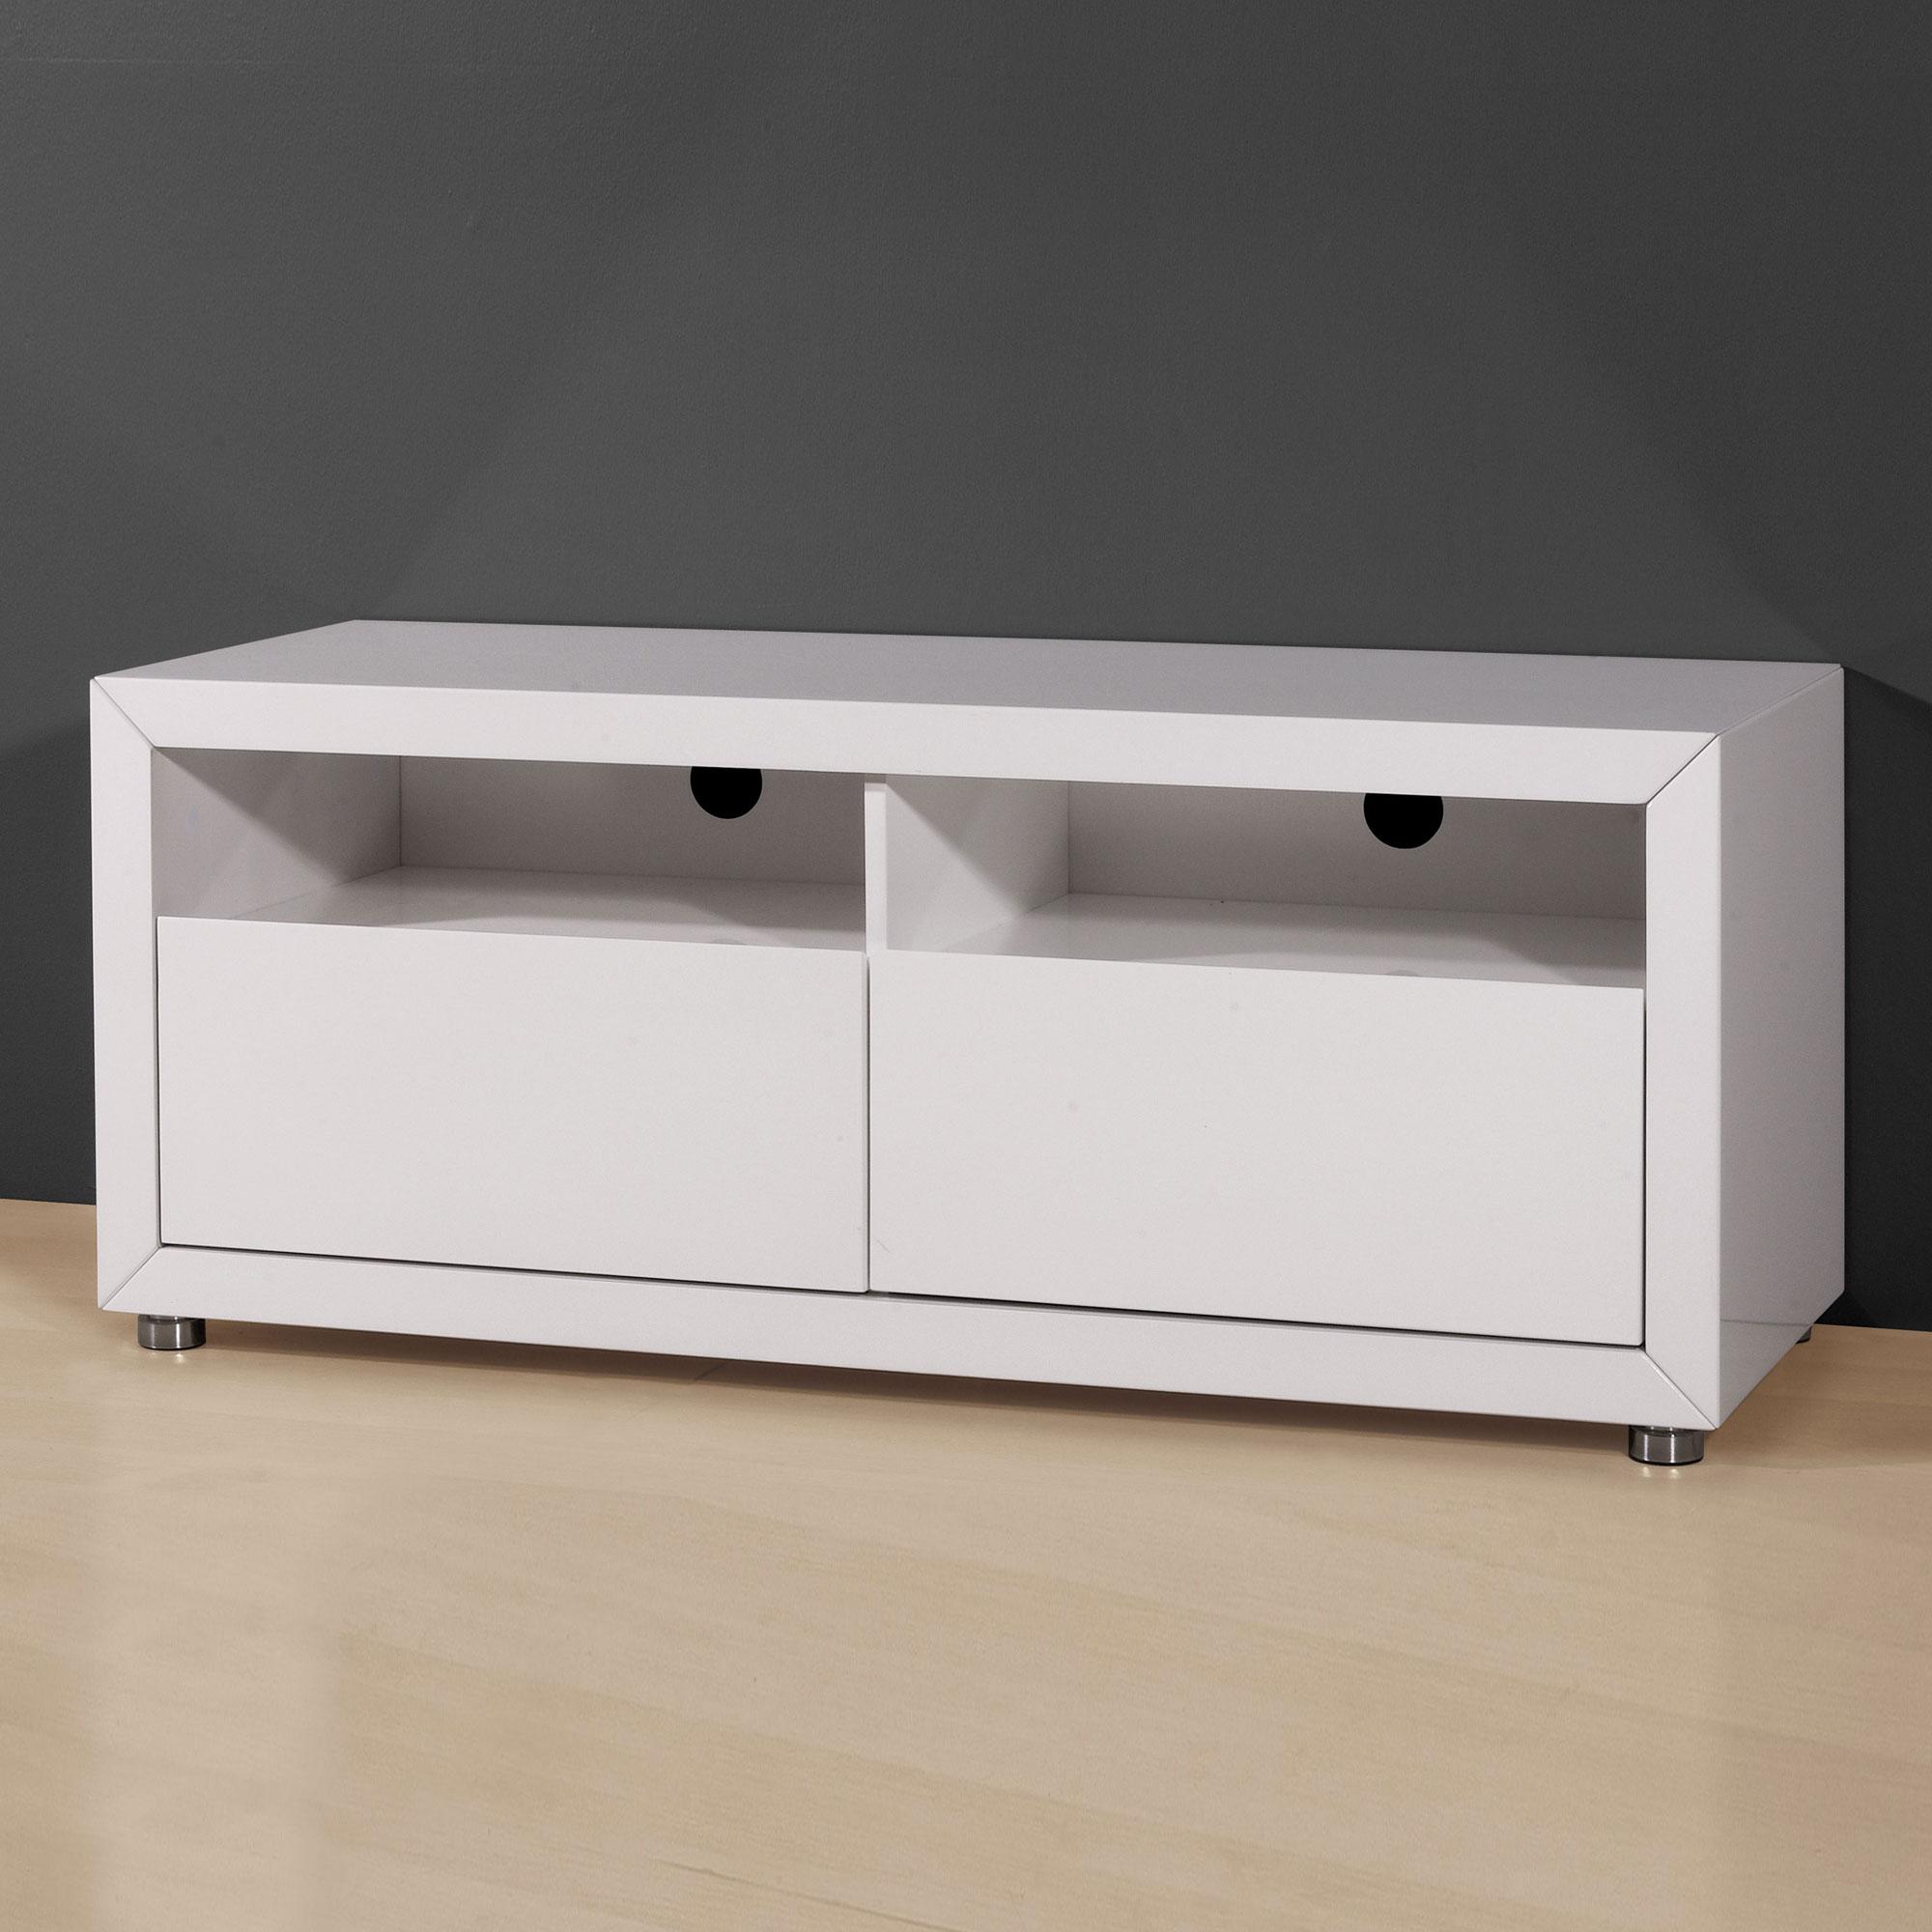 Meuble tv 90 cm longueur maison et mobilier d 39 int rieur - Meuble tv 90 cm longueur ...